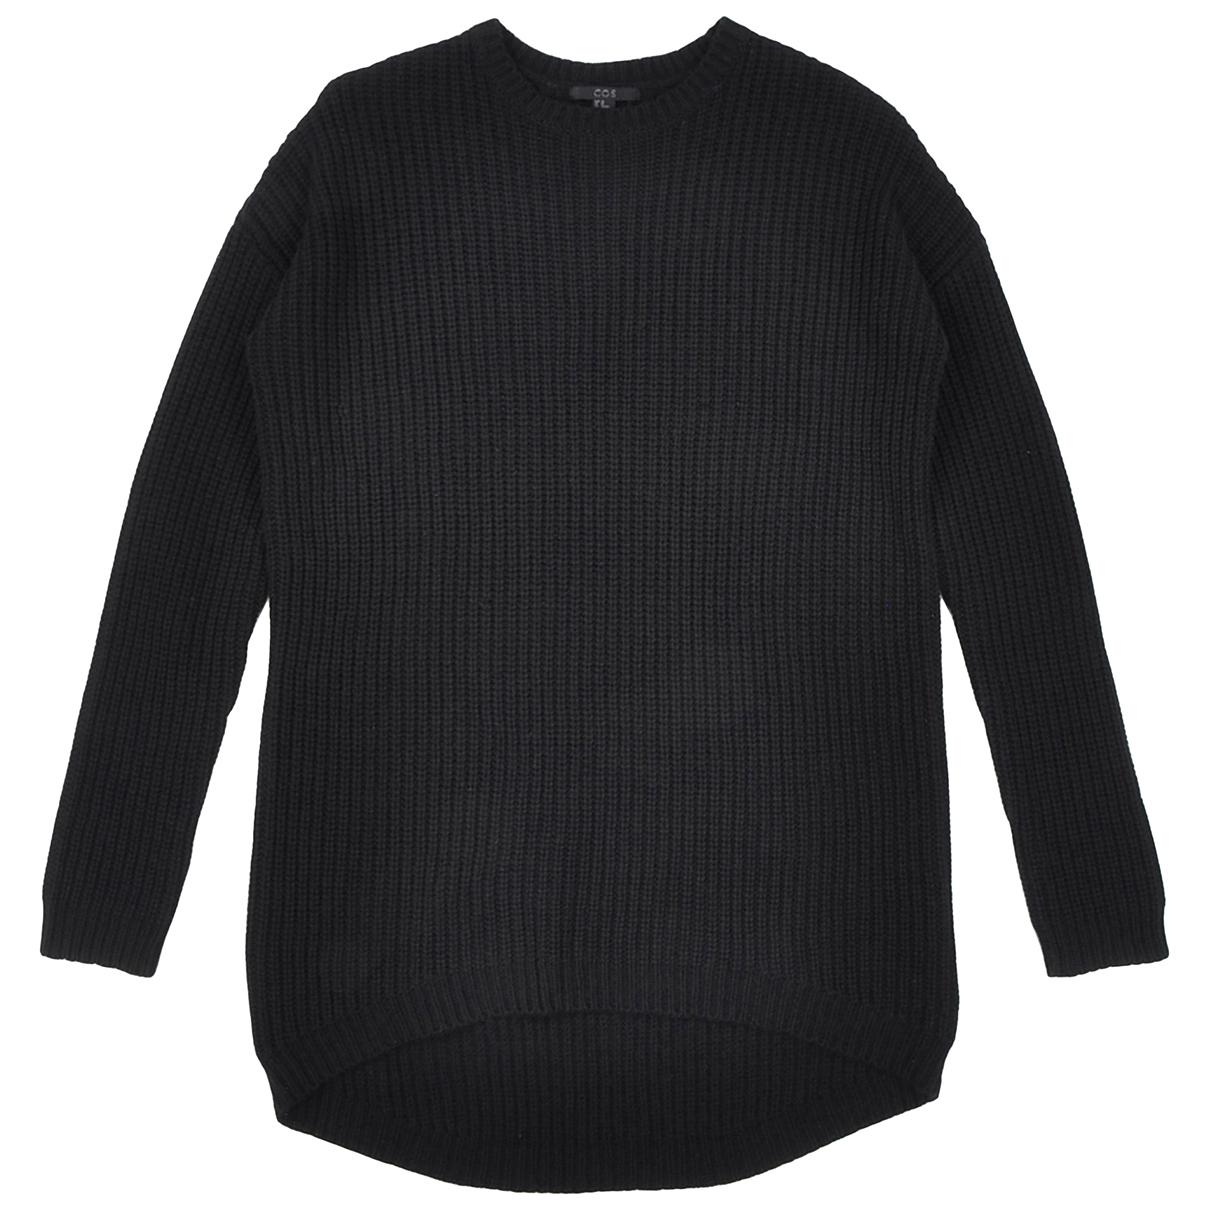 Cos - Pull   pour femme en laine - noir